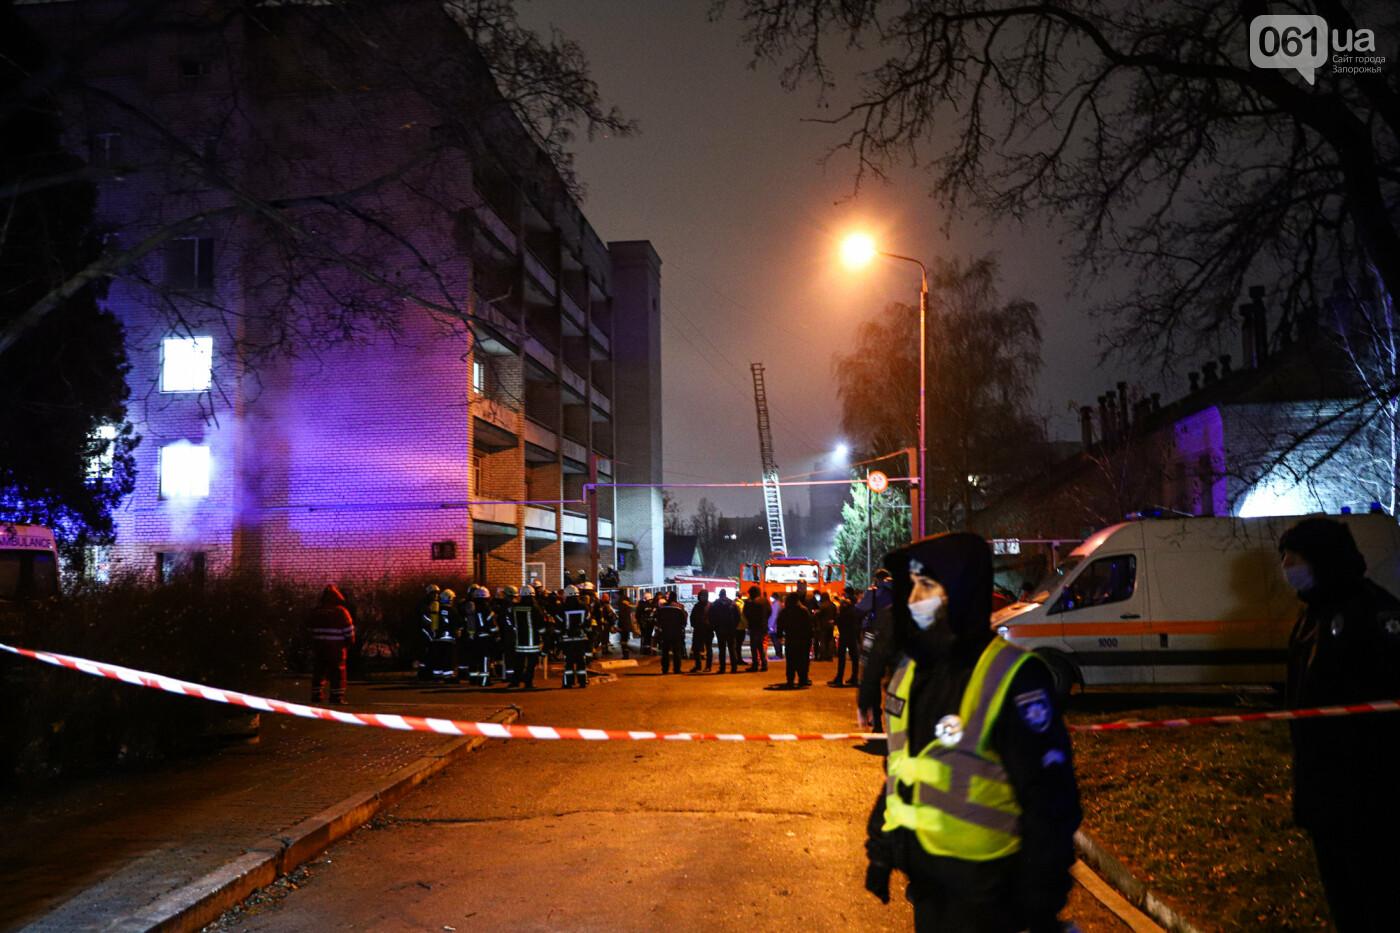 Пожар в Запорожской инфекционной больнице: все подробности происшествия, - ФОТОРЕПОРТАЖ , фото-4